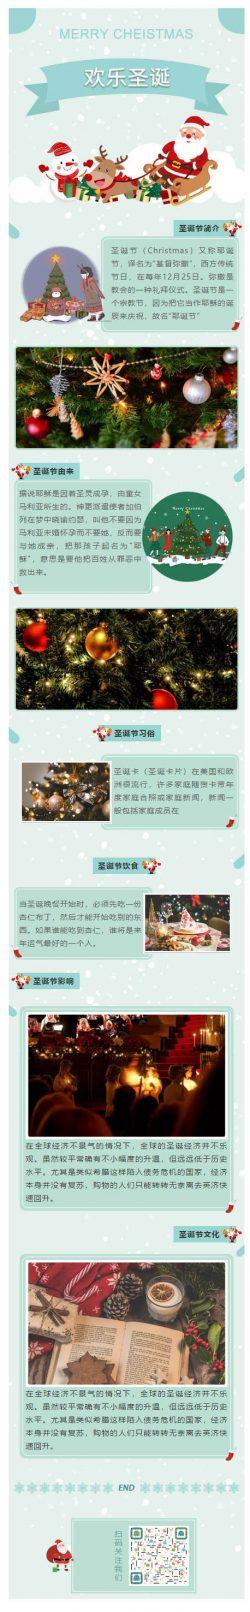 圣诞节(Christmas)平安夜微信公众号推文模板推送素材